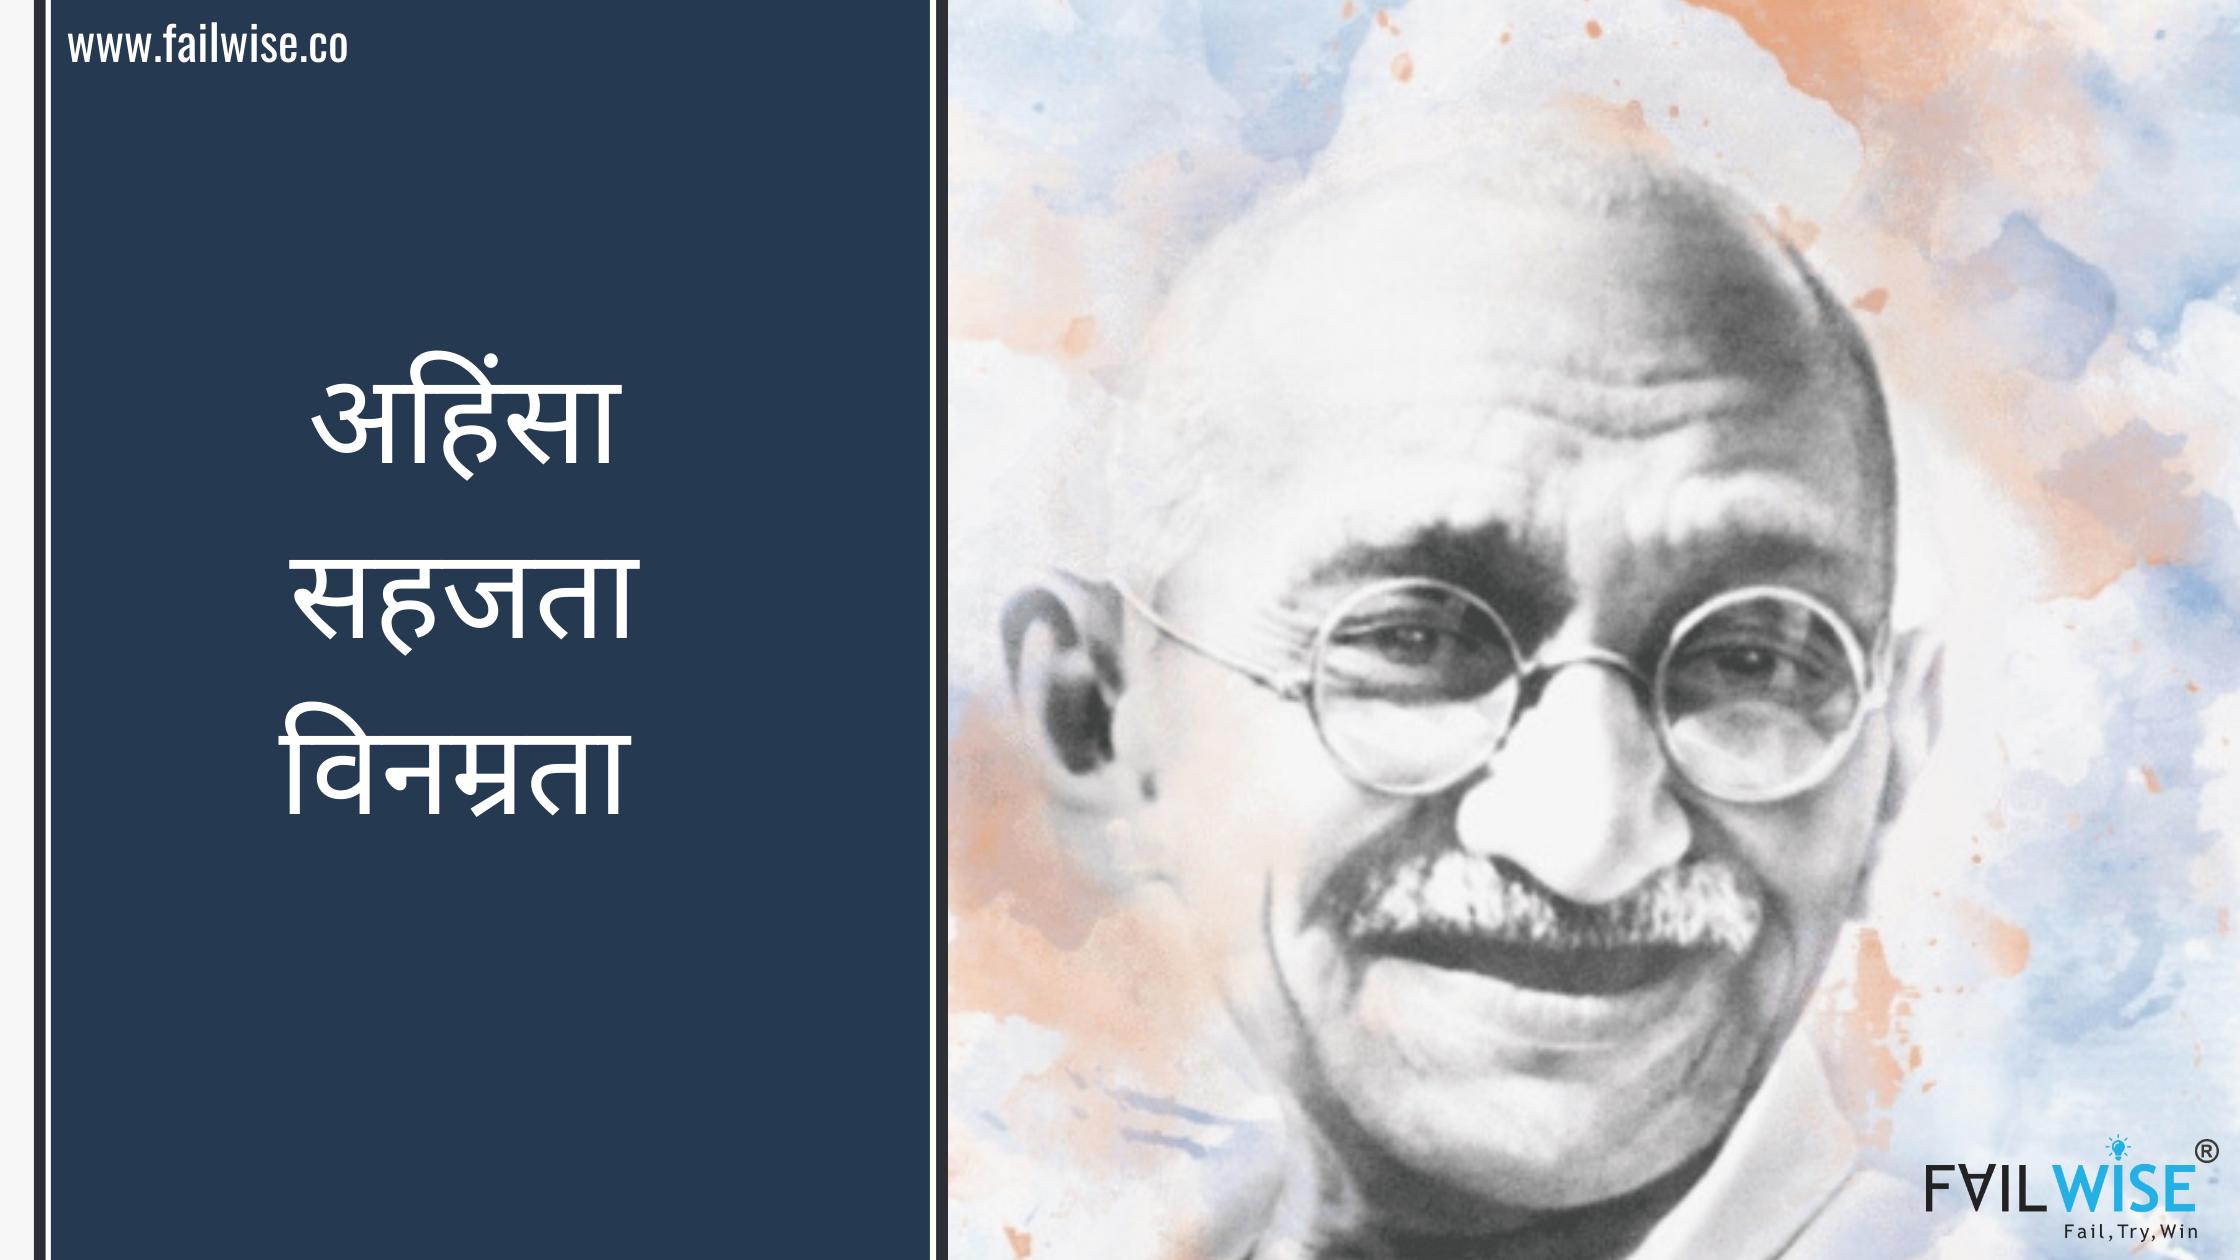 शांति के लिए शिक्षा जरूरी : महात्मा गांधी